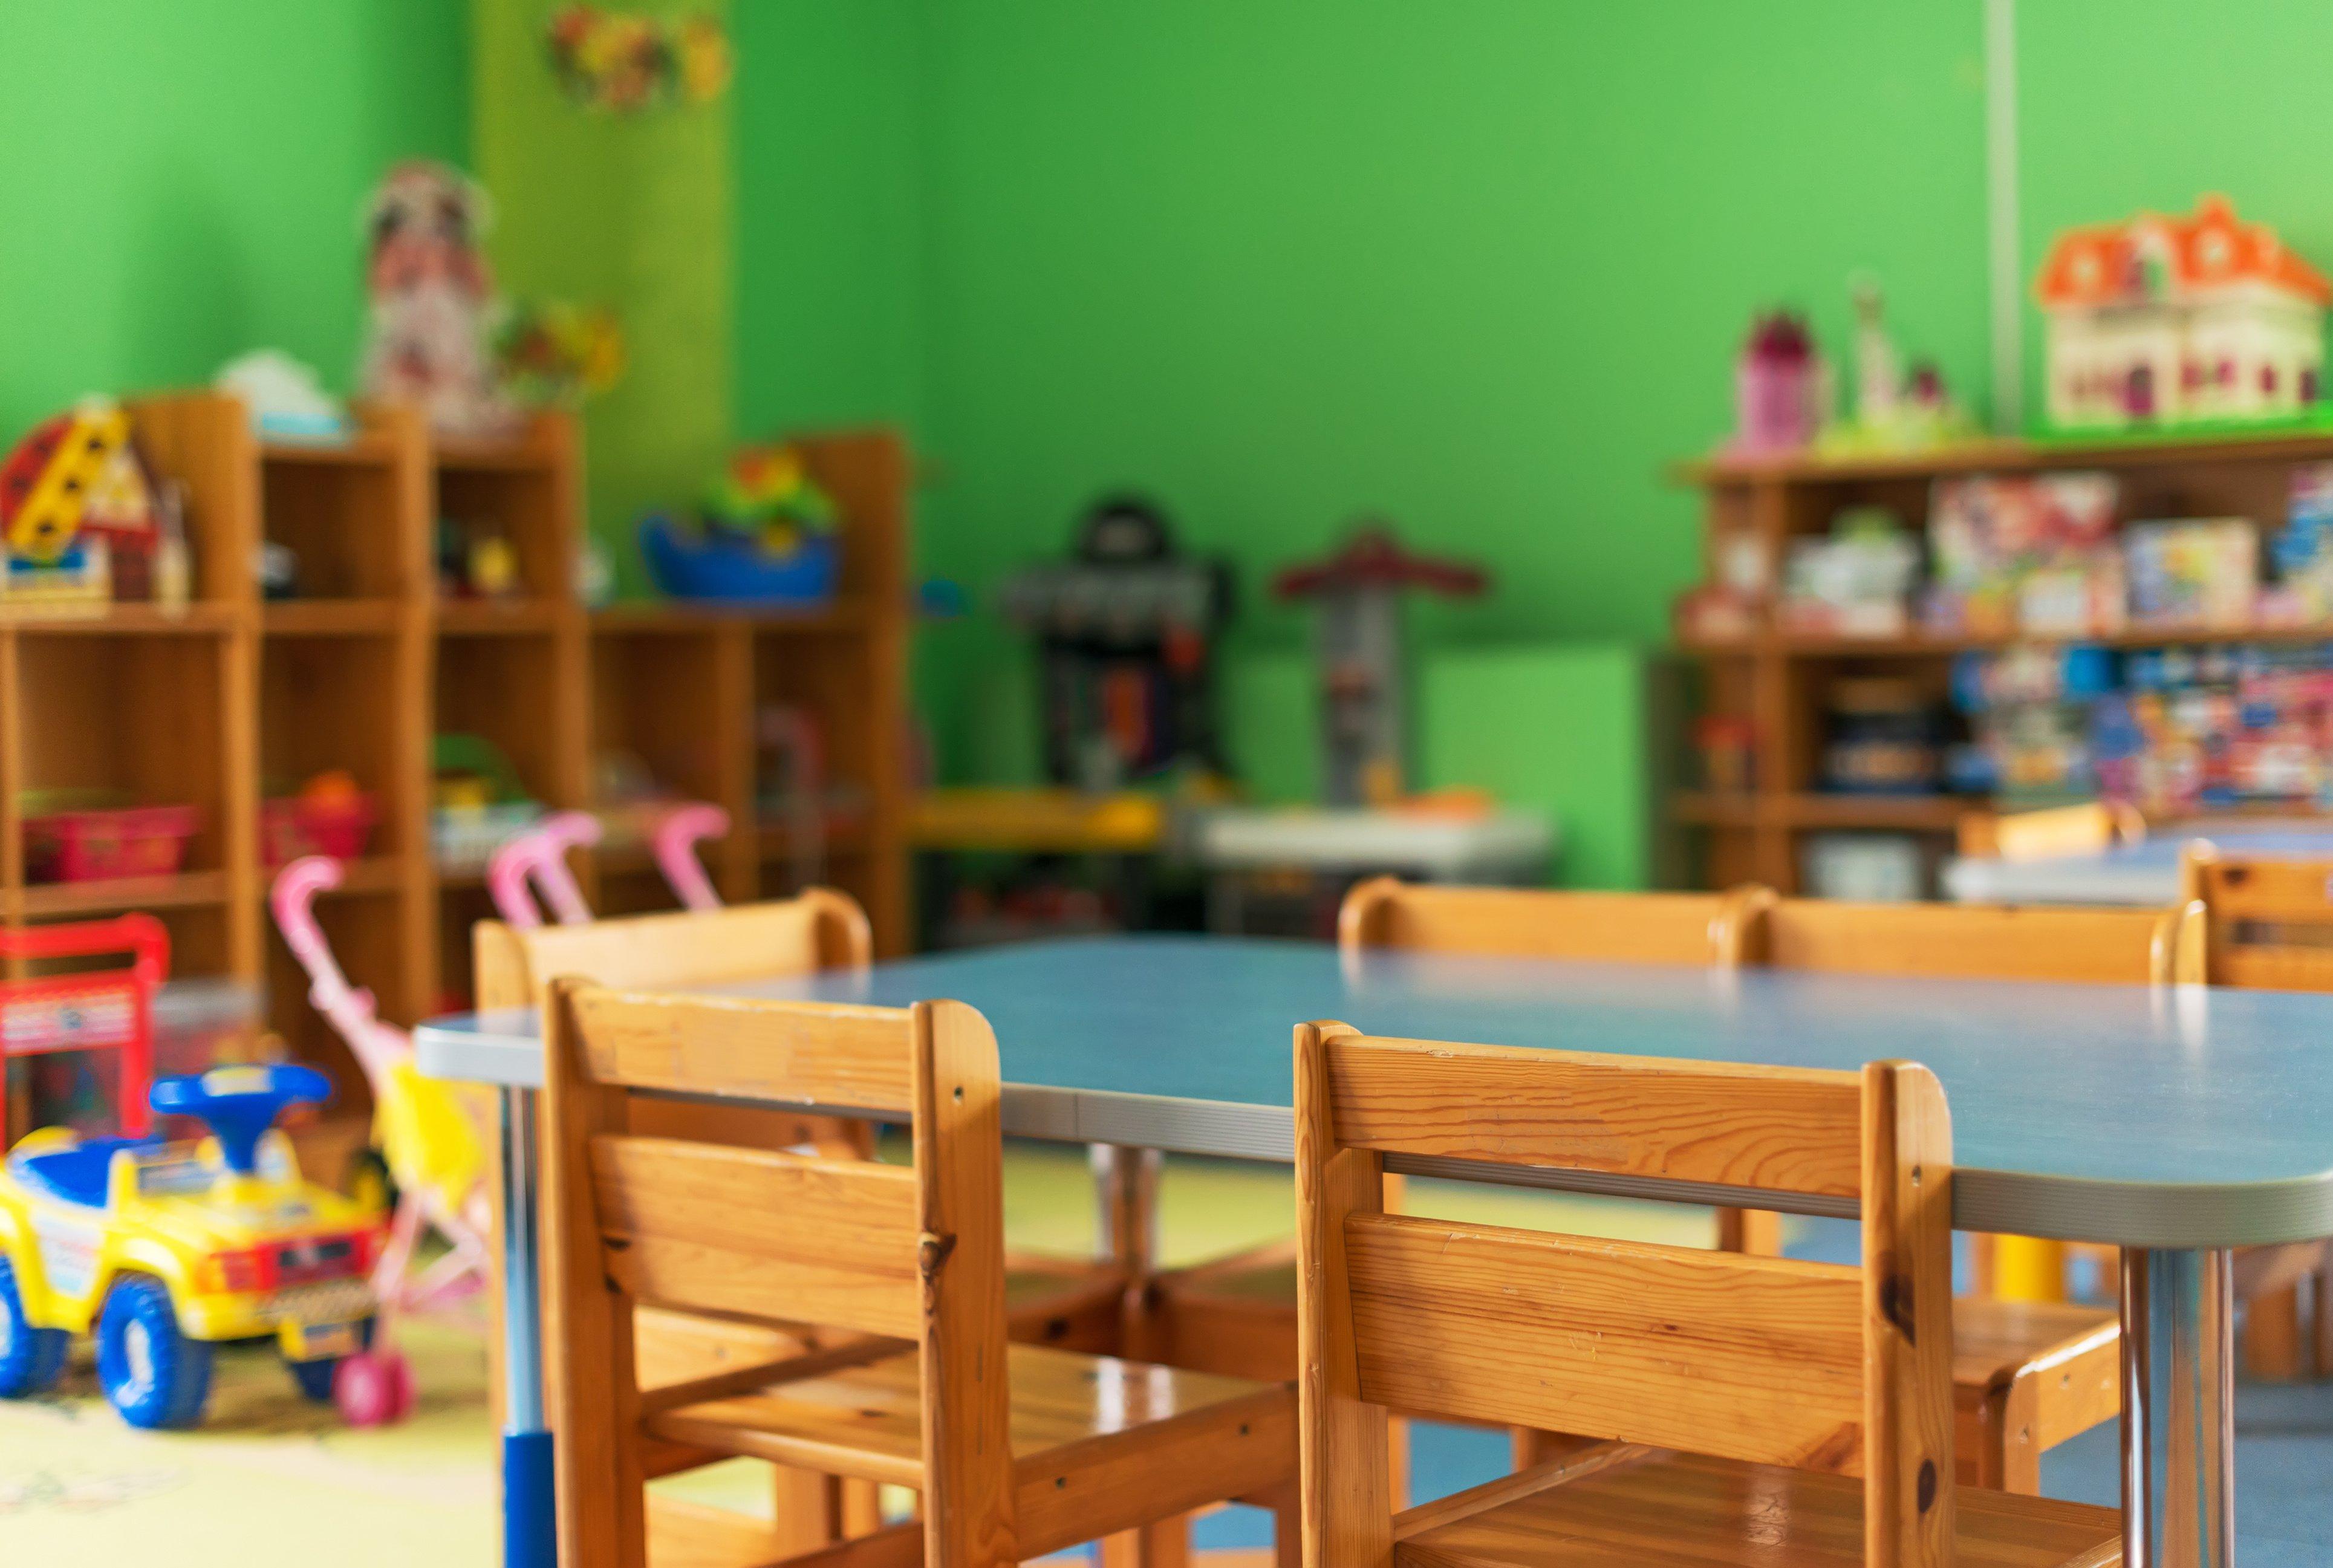 Raum mit Spielsachen, Tisch und Stühlen einer Kita ohne Kinder